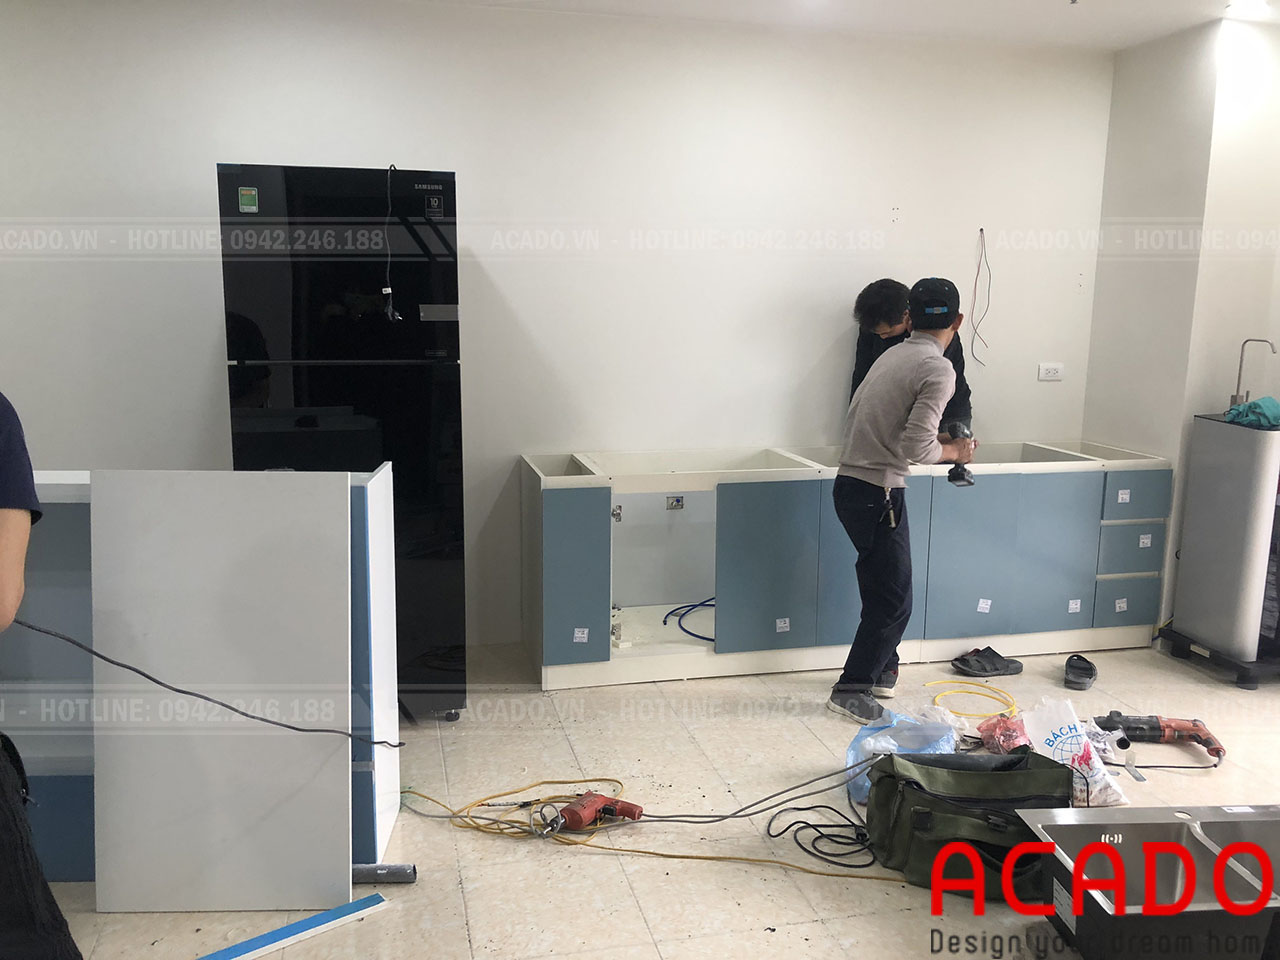 Thợ thi công vận chuyển đồ đặc và bắt đầu quá trình thi công - Lắp đặt tủ bếp tại Mỹ Đình